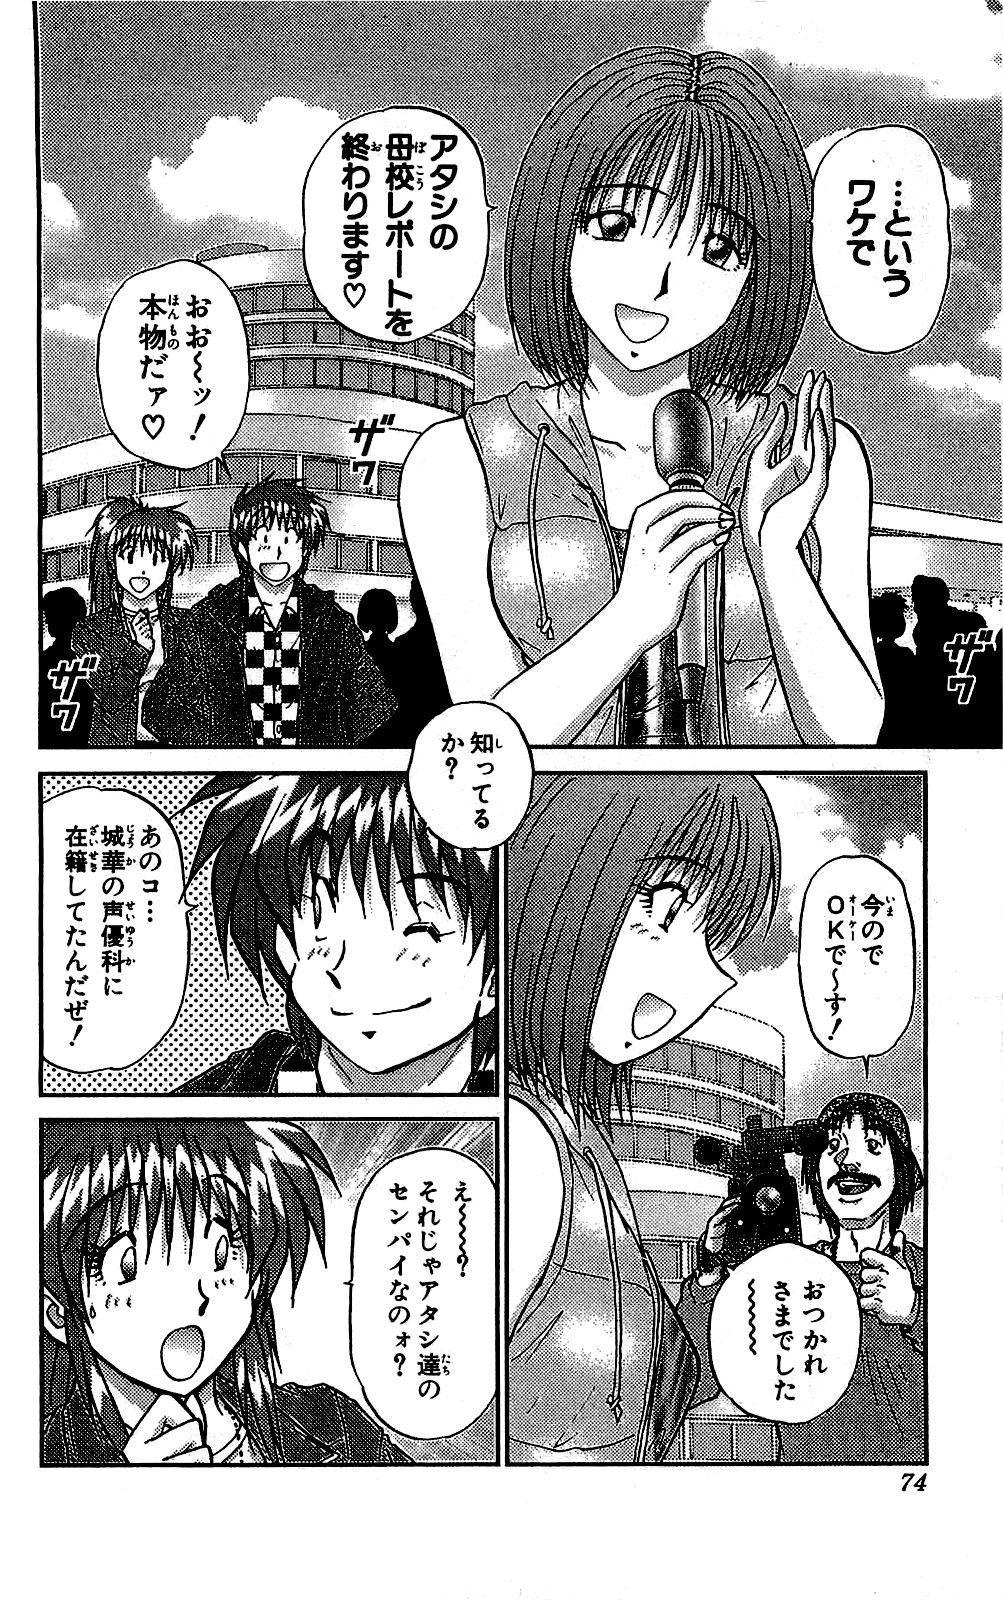 Miracle Make Yuuji 74